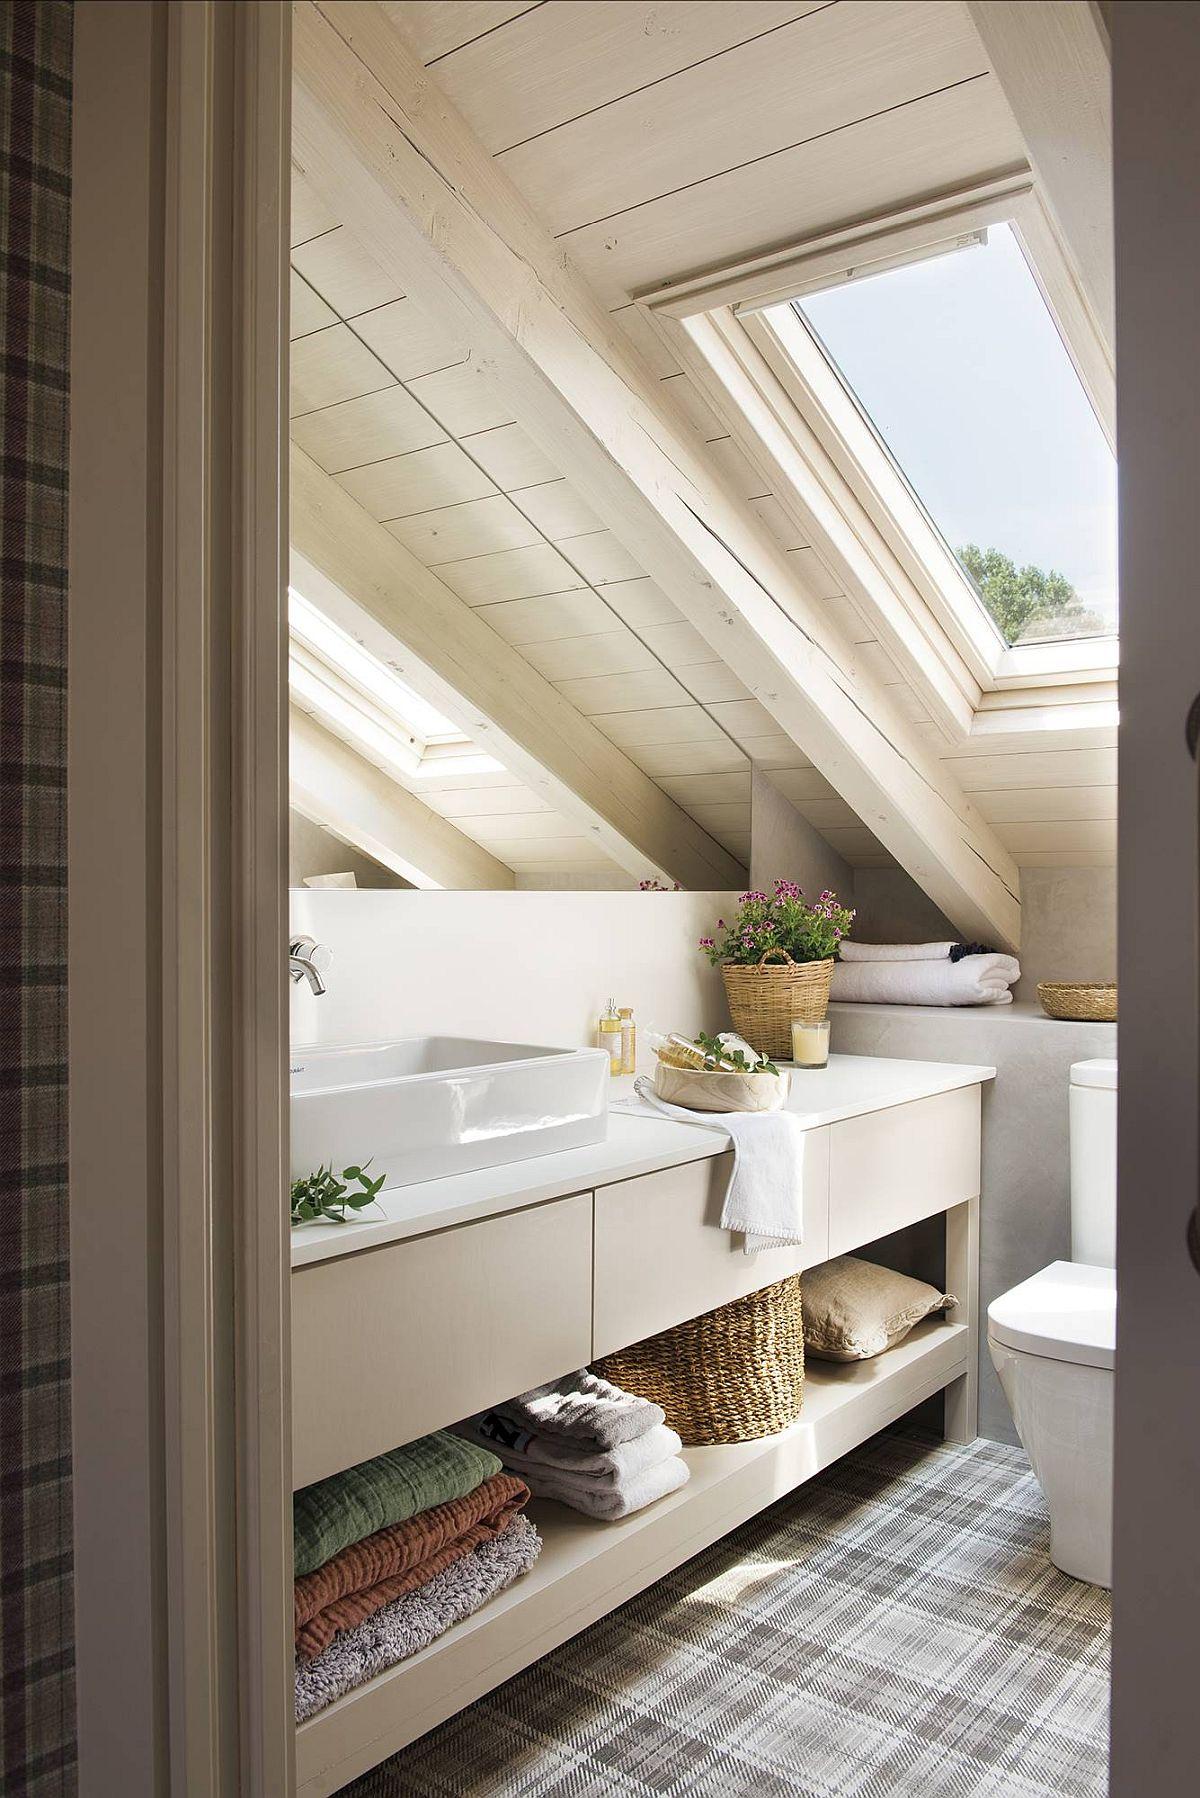 Un spațiu mic, dar baia copiilor este luminoasă grașie finisajelor alese și a prezenței ferestrei de mansardă. Mobila realizată pe comandă este potrivită la fix, iar pereții sunt finisați cu microciment. O casă plăcută, caldă, camere armonios amenajate și o combinație de elemente din variate stiluri, dar care se potrivesc bine împreună. Sper să te inspire și pe tine!